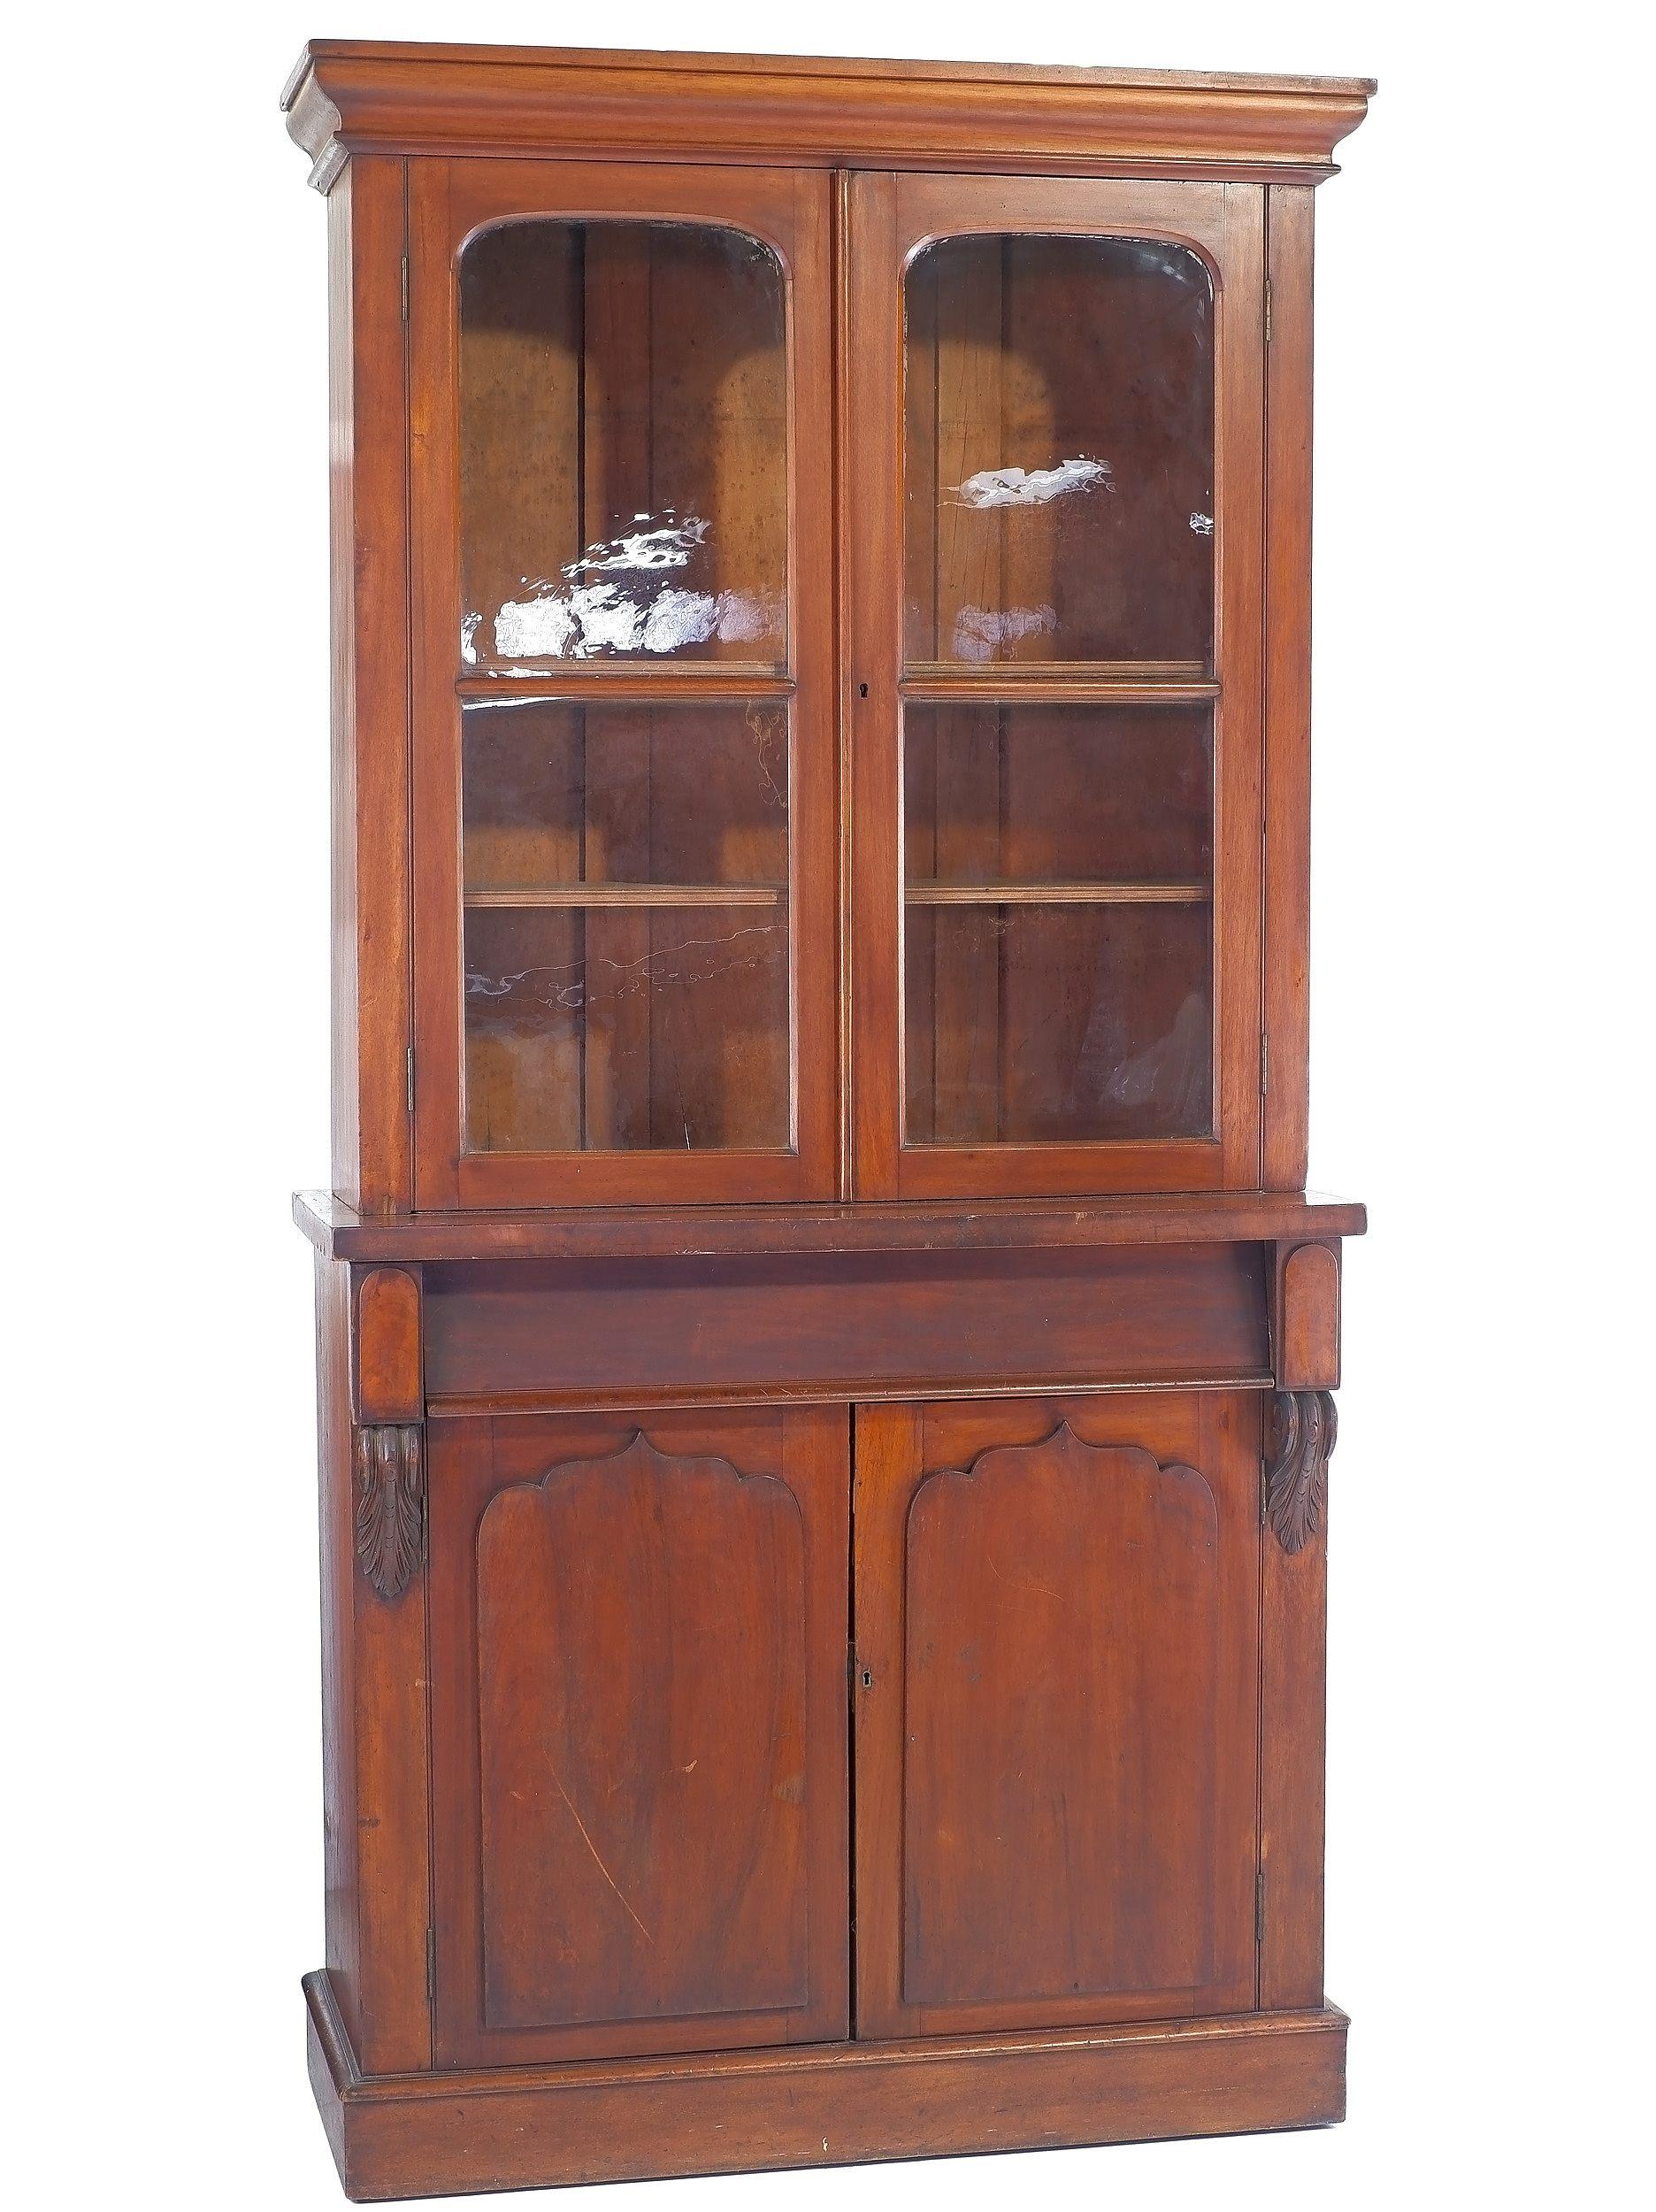 'Australian Cedar Bookcase Circa 1880'